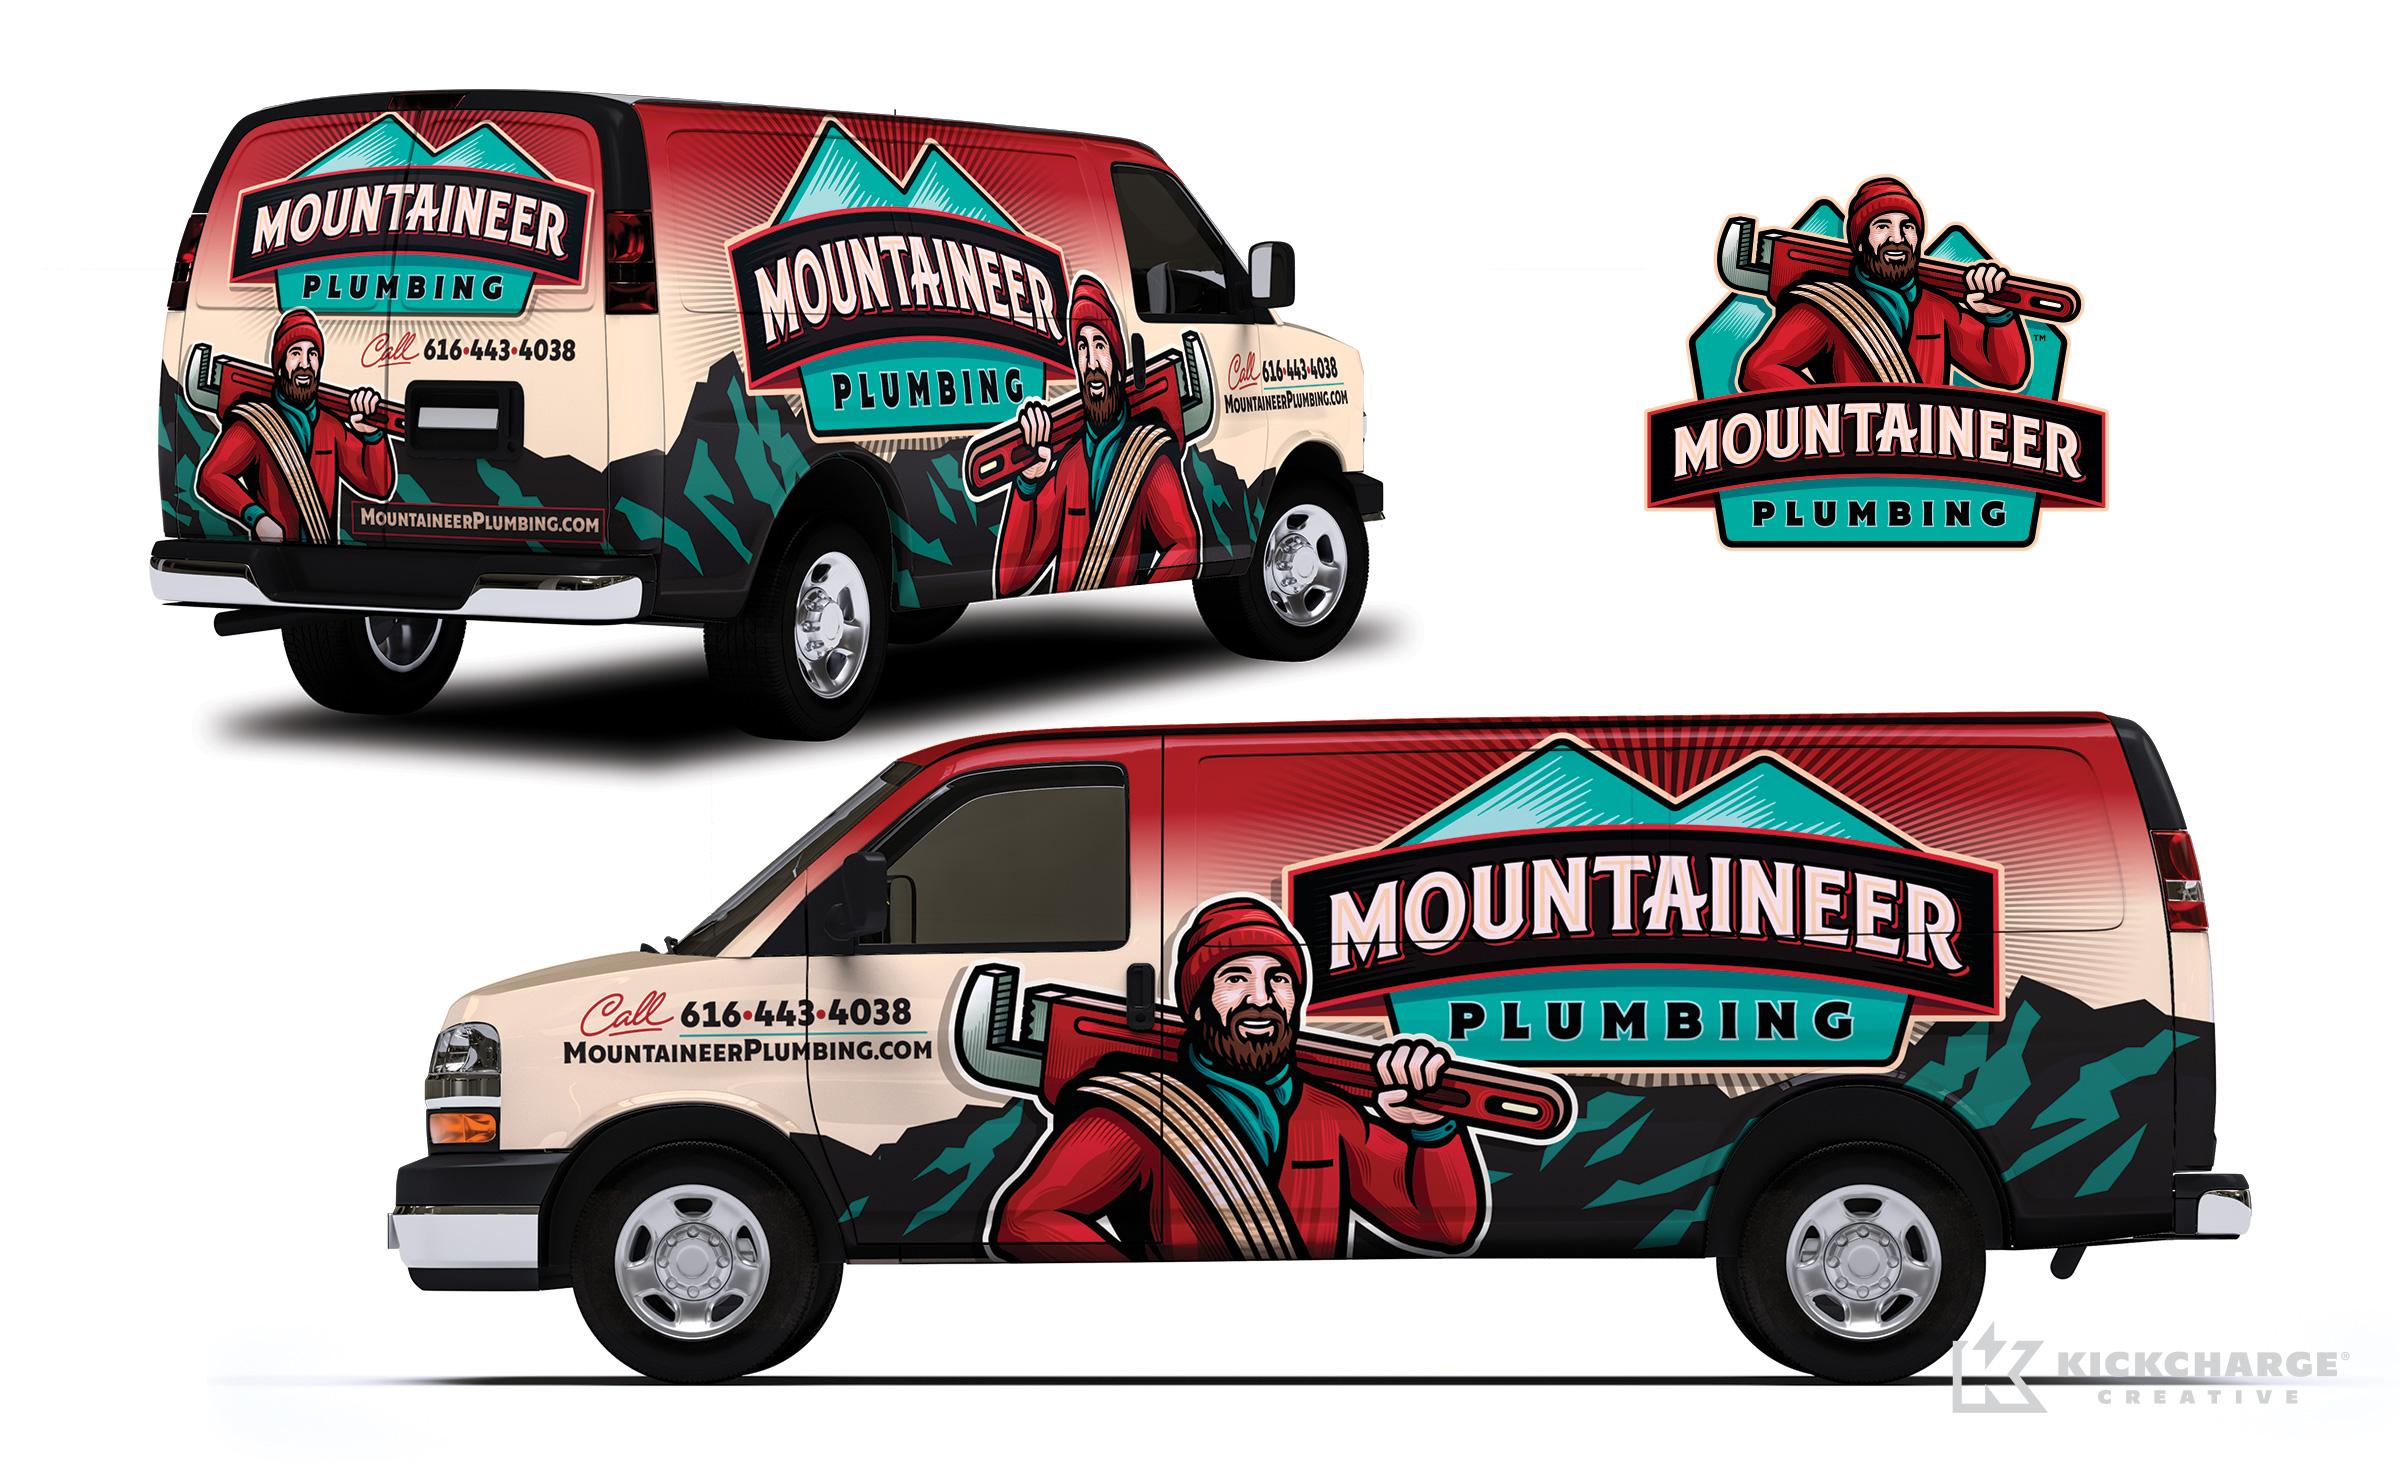 plumbing truck wrap for Mountaineer Plumbing